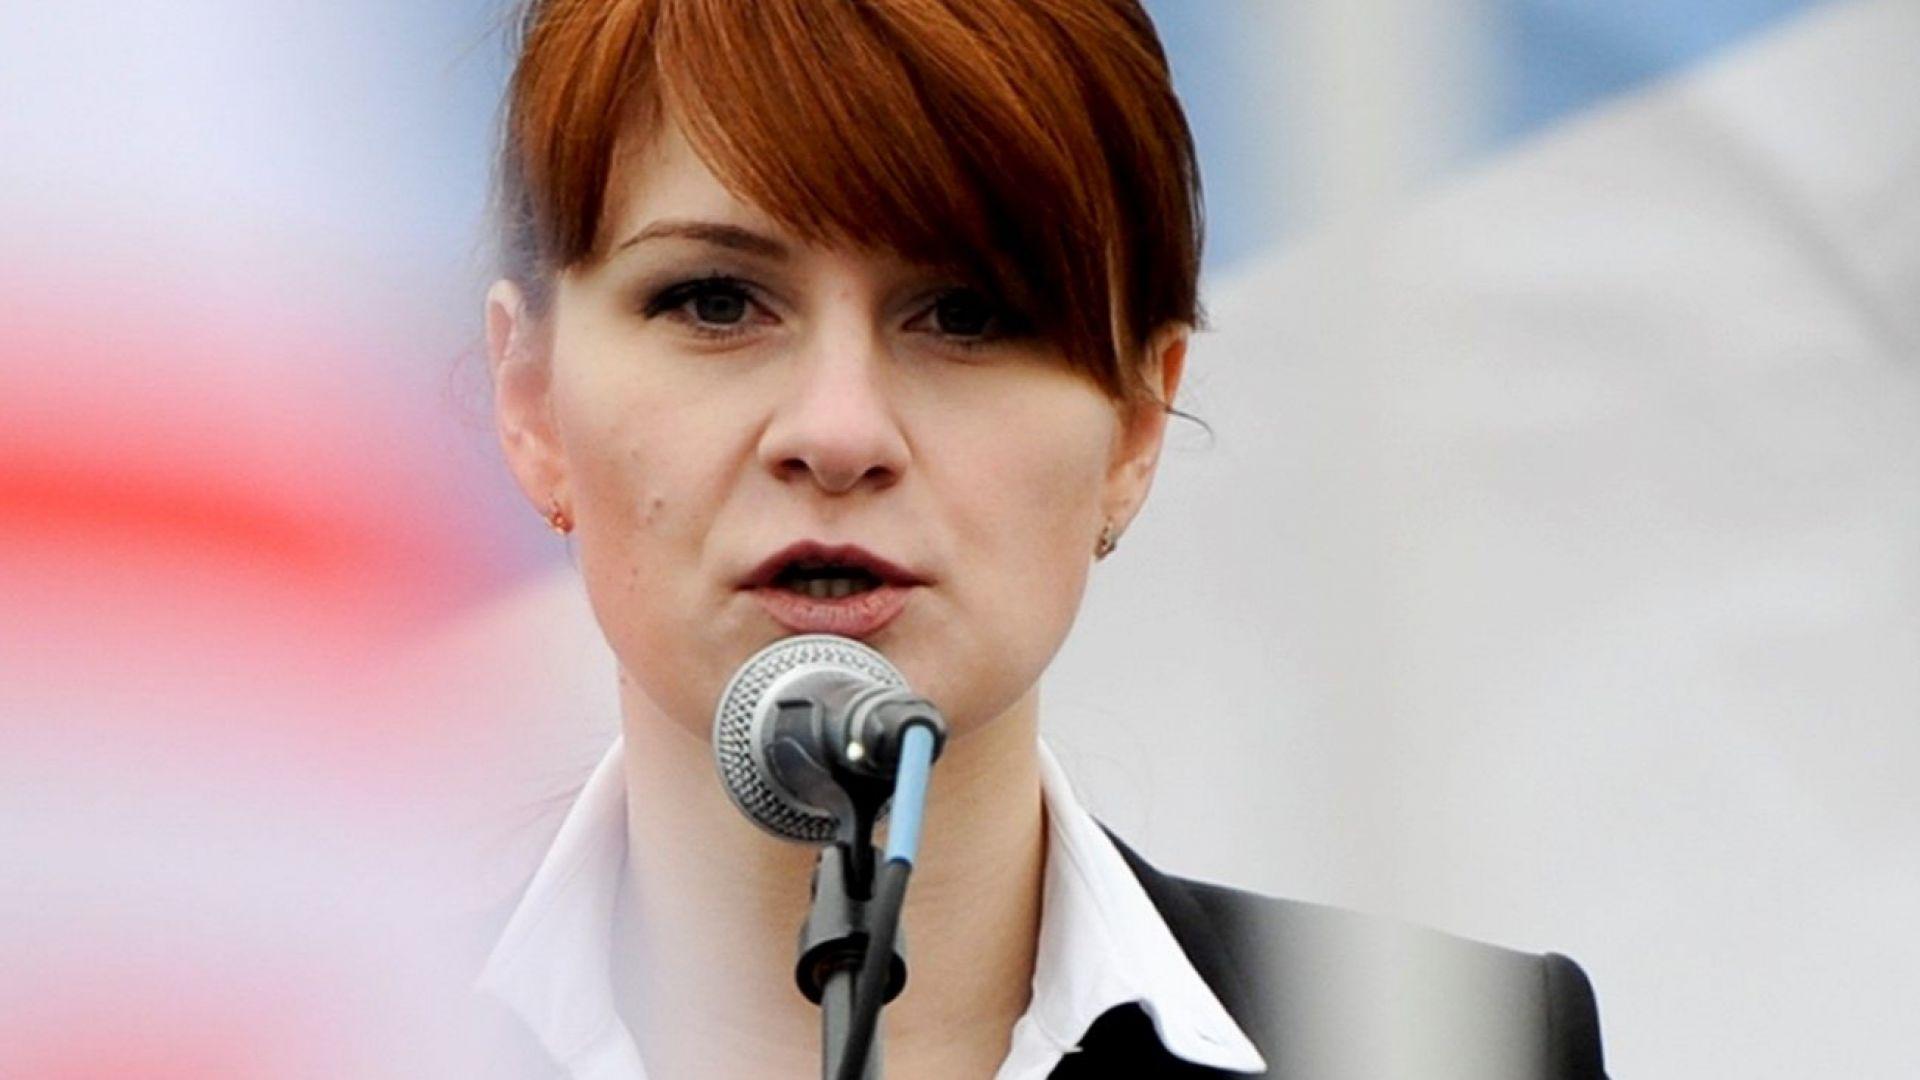 Красиви руски агентки вербуват шпиони в US университетите